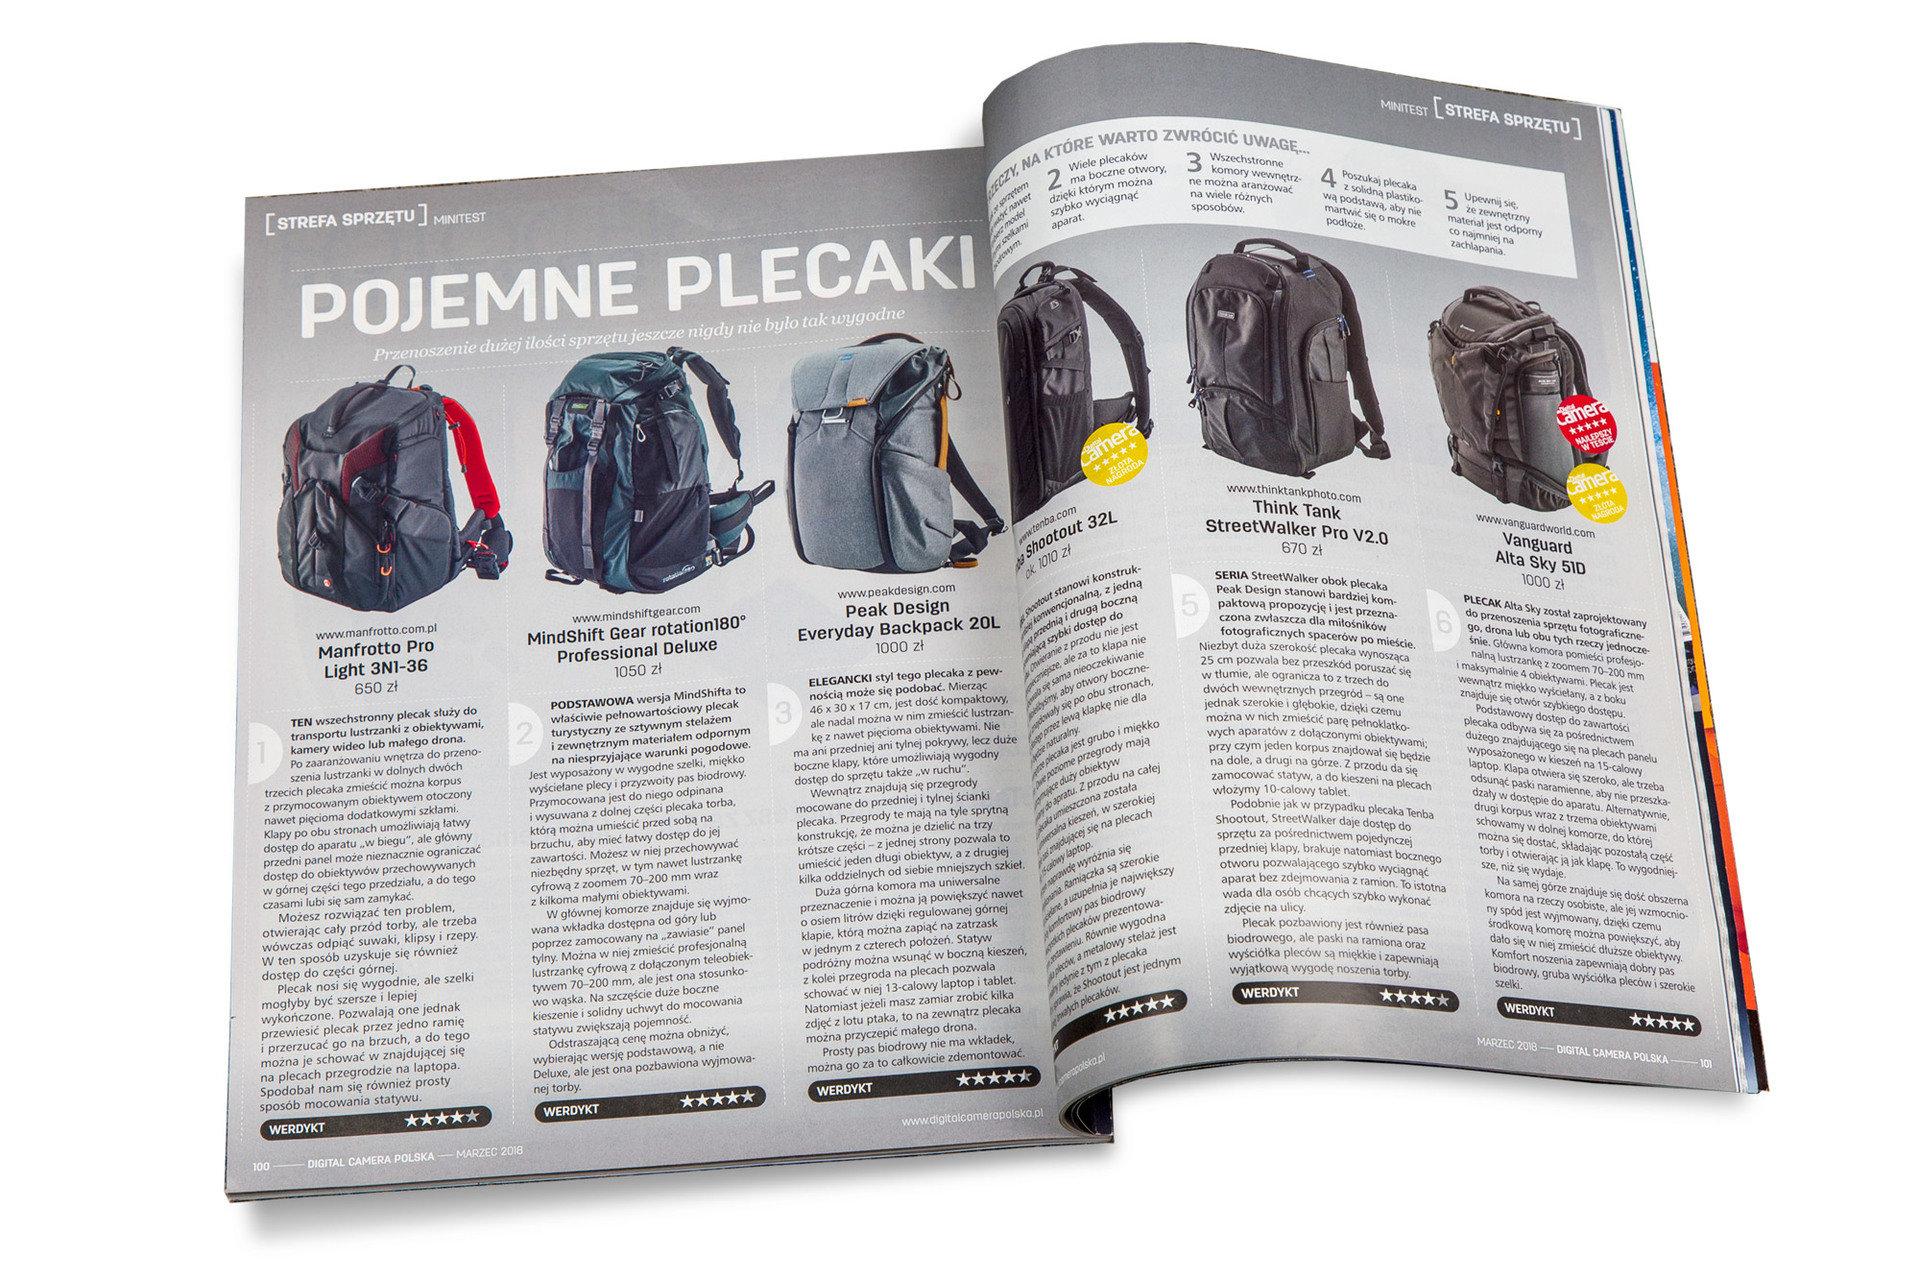 Plecak marki Vanguard doceniony przez magazyn Digital Camera Polska